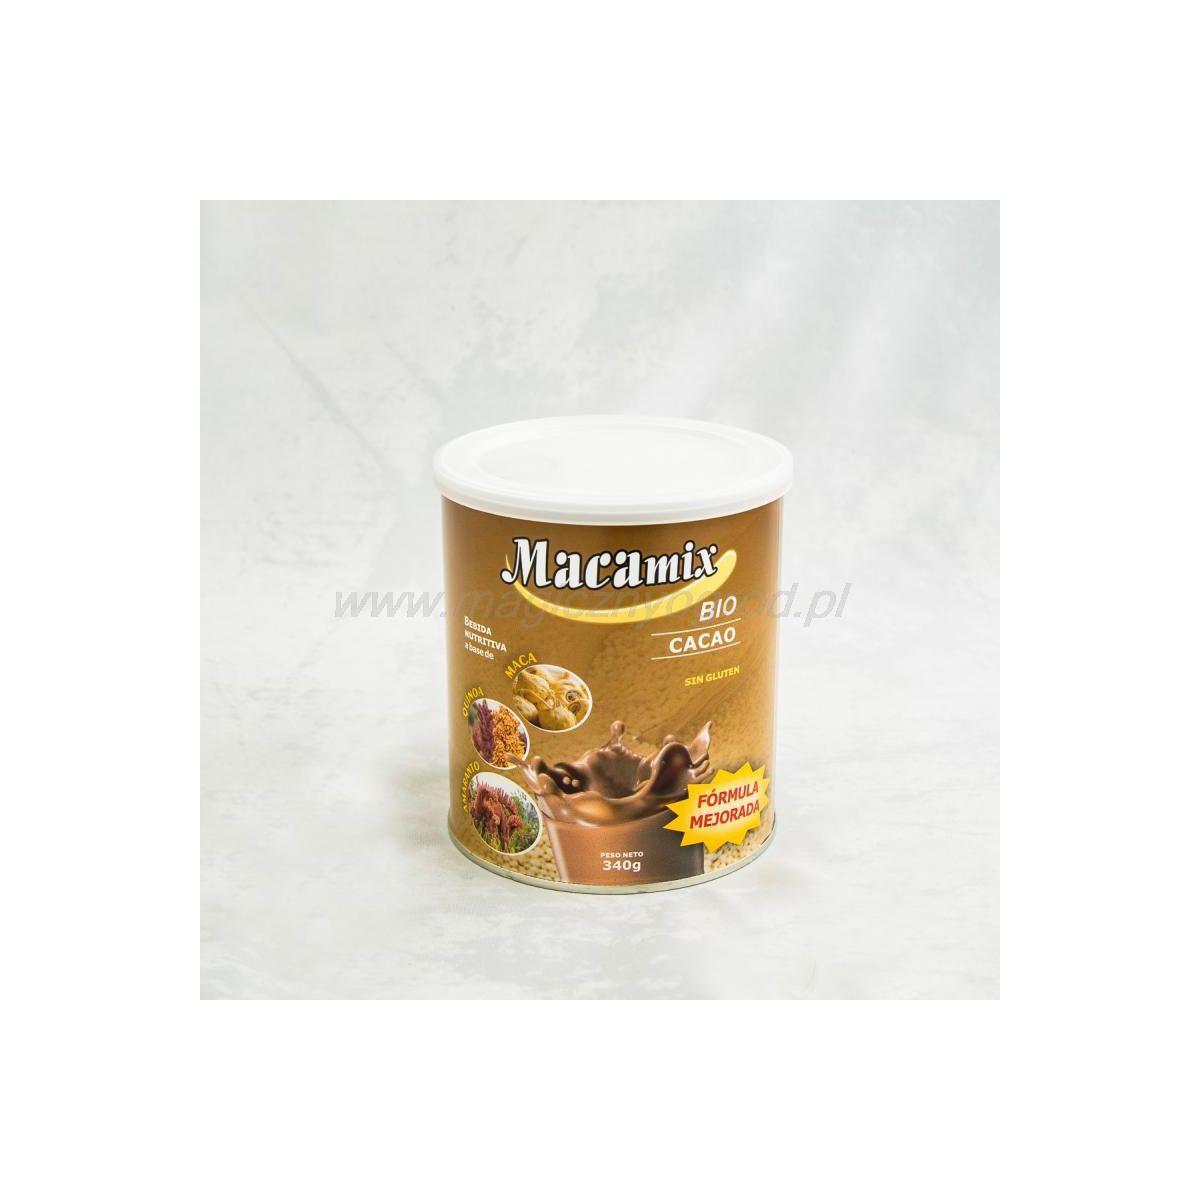 MACAMIX Czekoladowy (maca,quinoa,amarantus,kakao) 340g